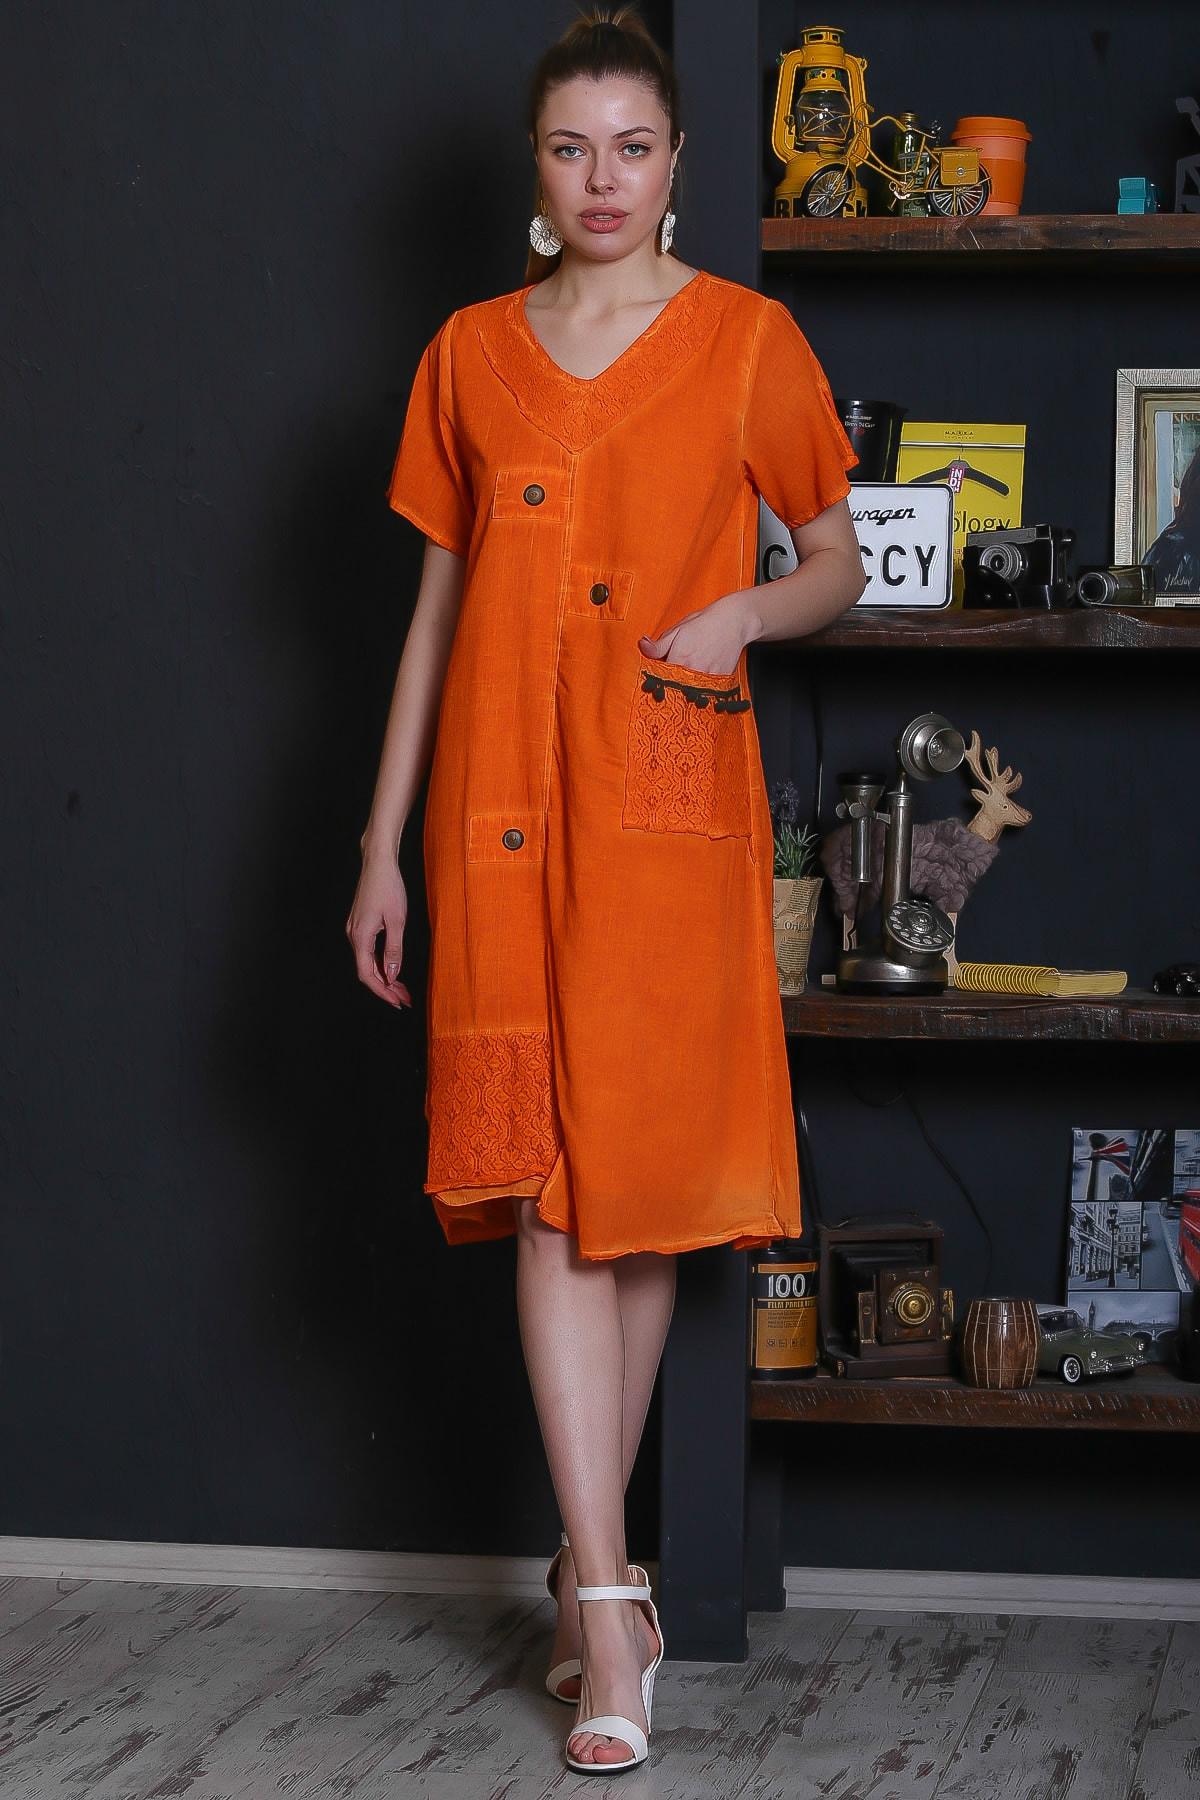 Chiccy Kadın Turuncu Dantel Yaka Ve Cep Detaylı Süs Düğmeli Astarlı Yıkamalı Elbise M10160000EL95281 1